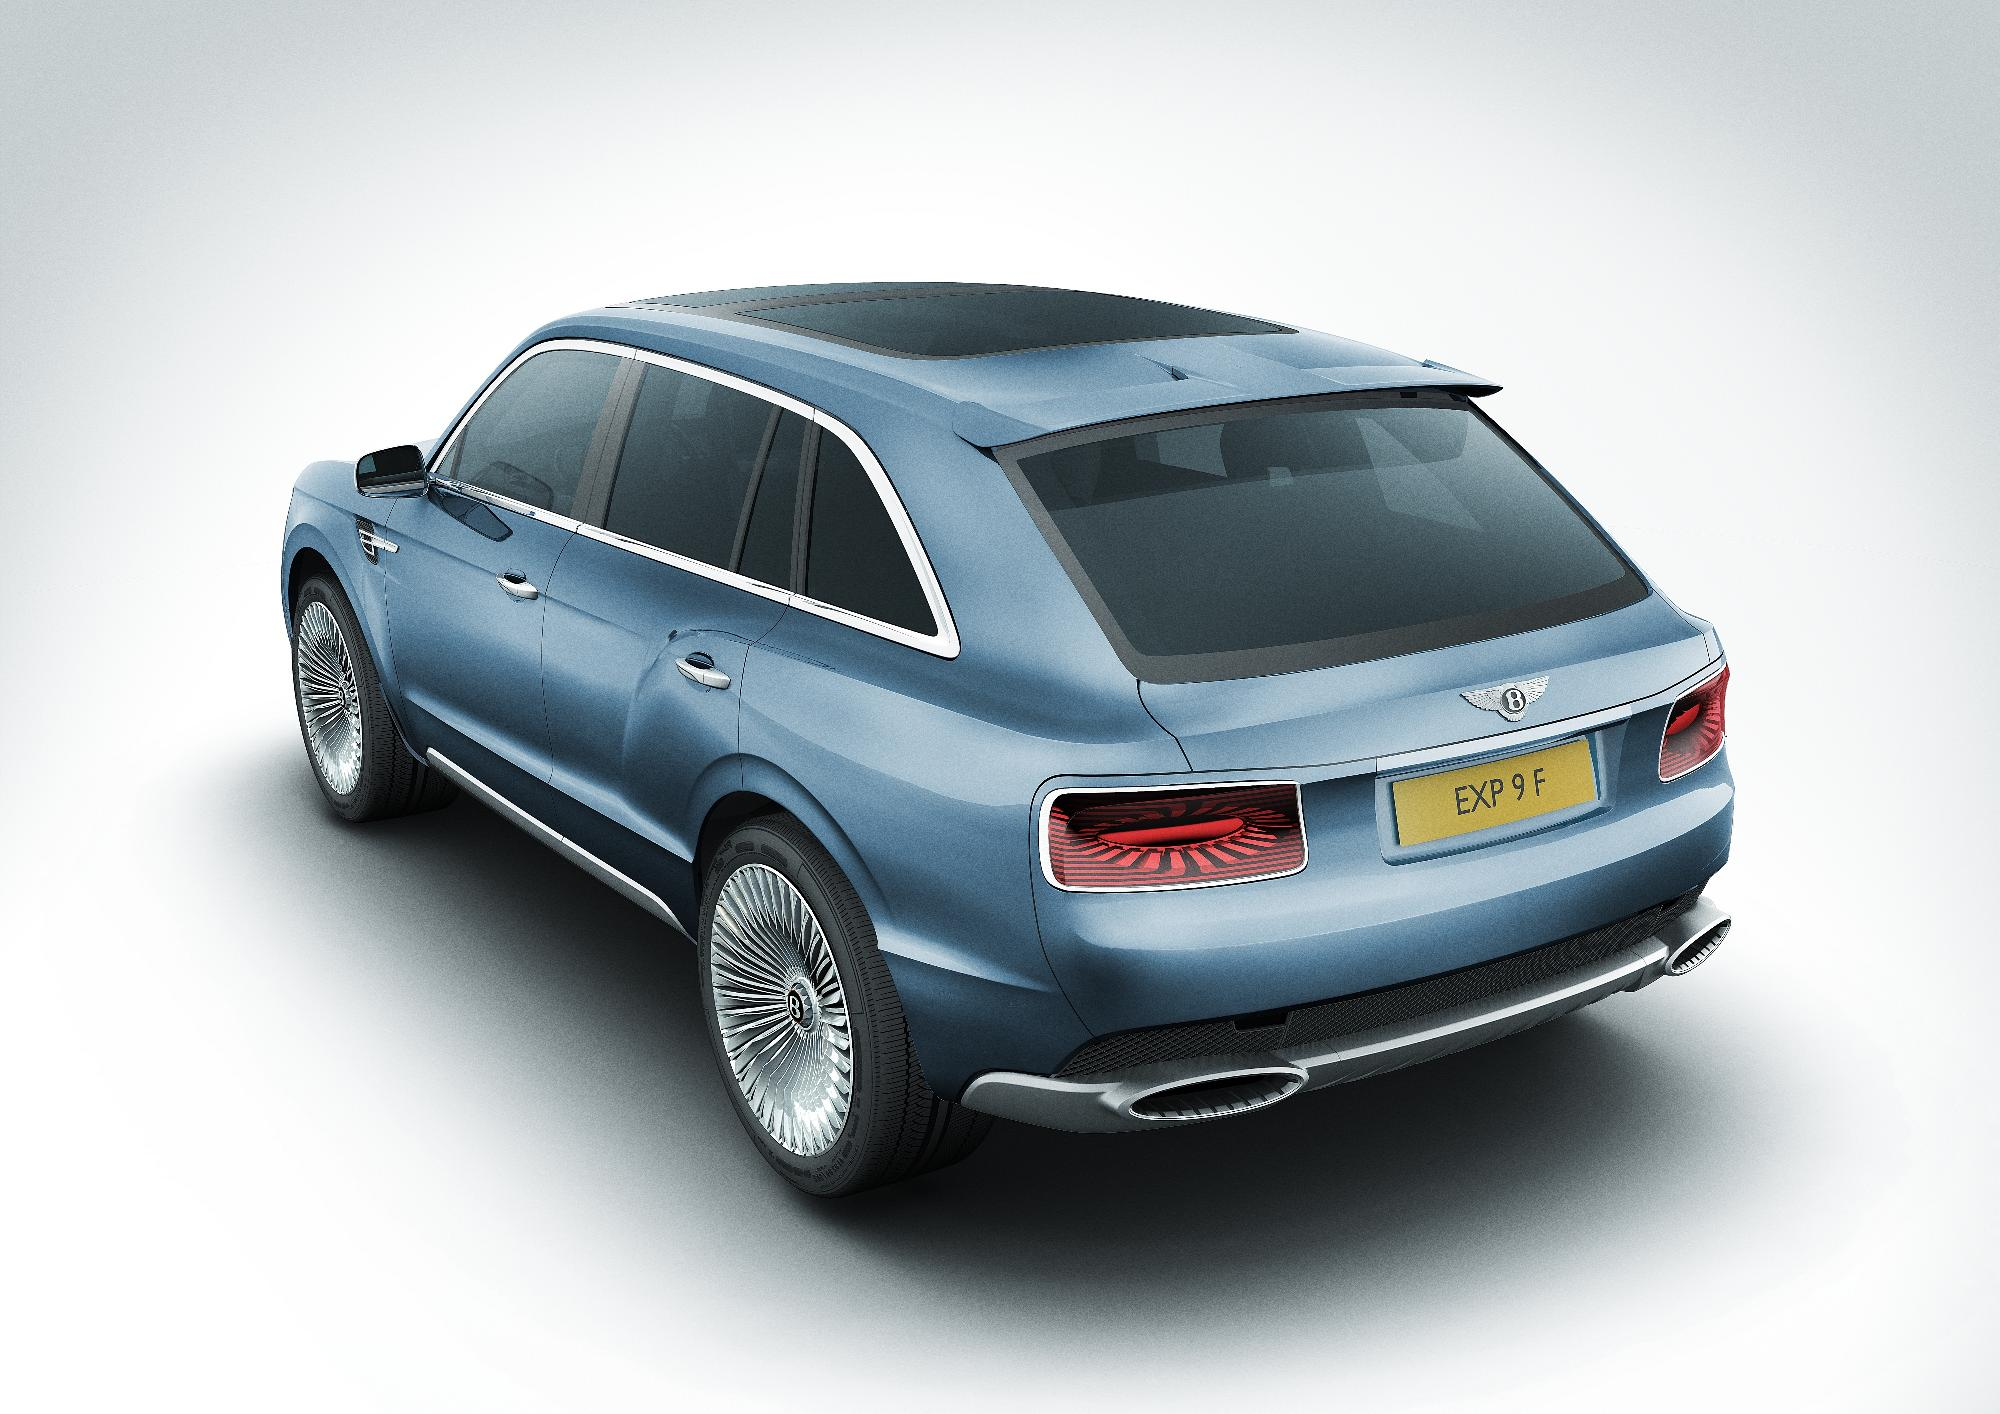 Bentley EXP 9 F Rear